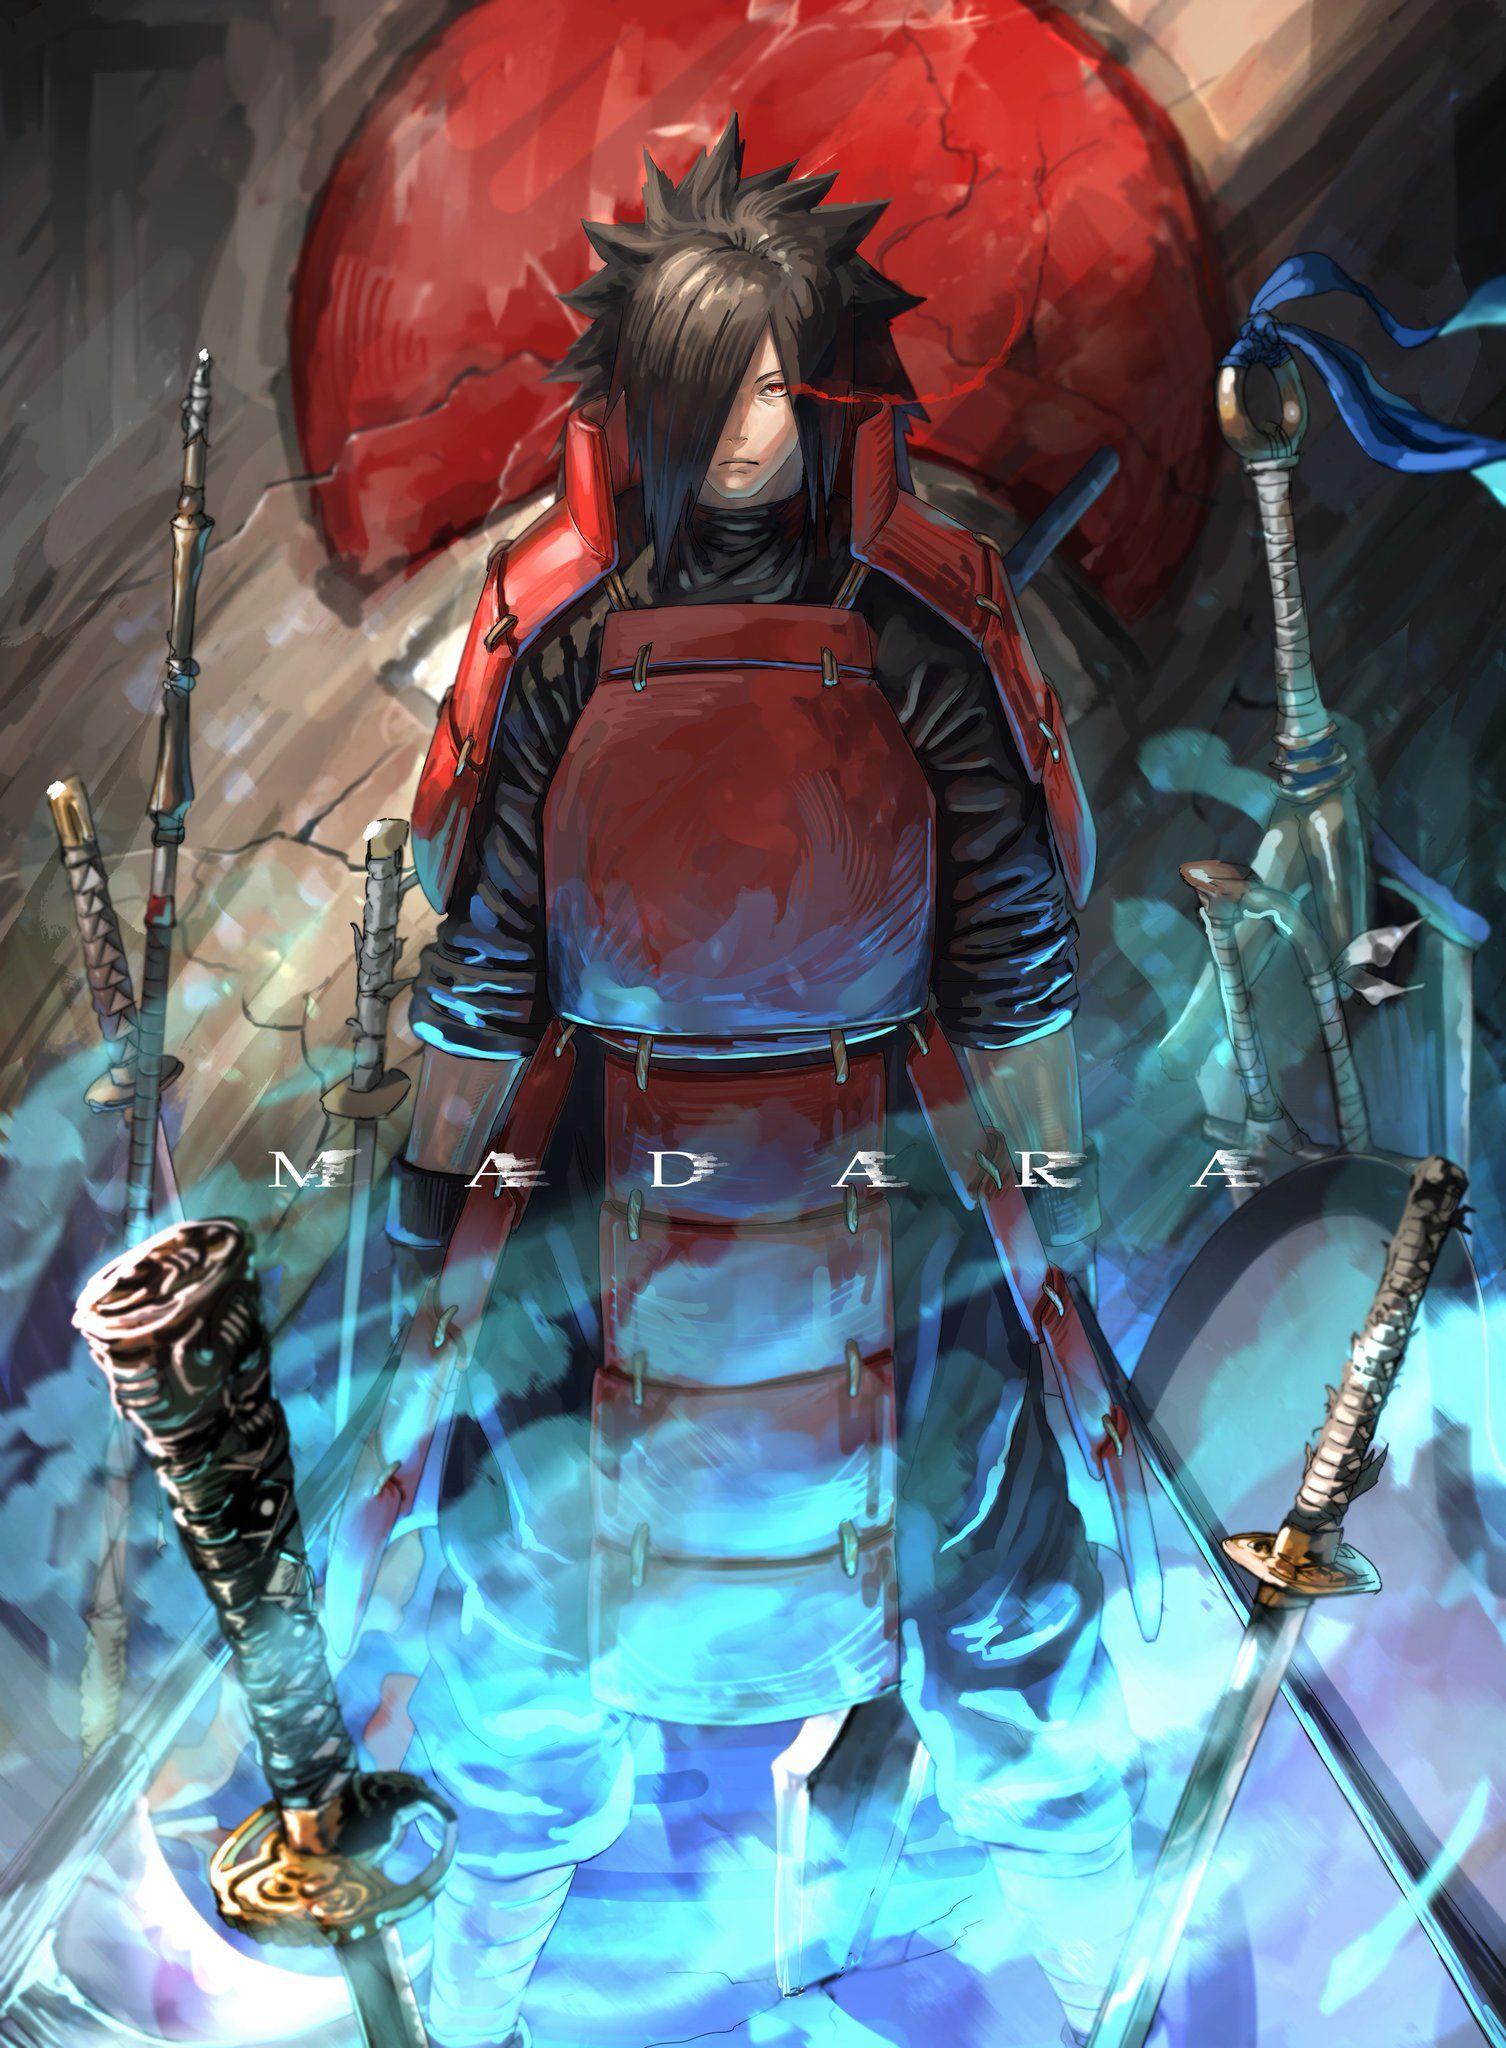 はるまき🐈 on Personagens de anime, Naruto e sasuke desenho